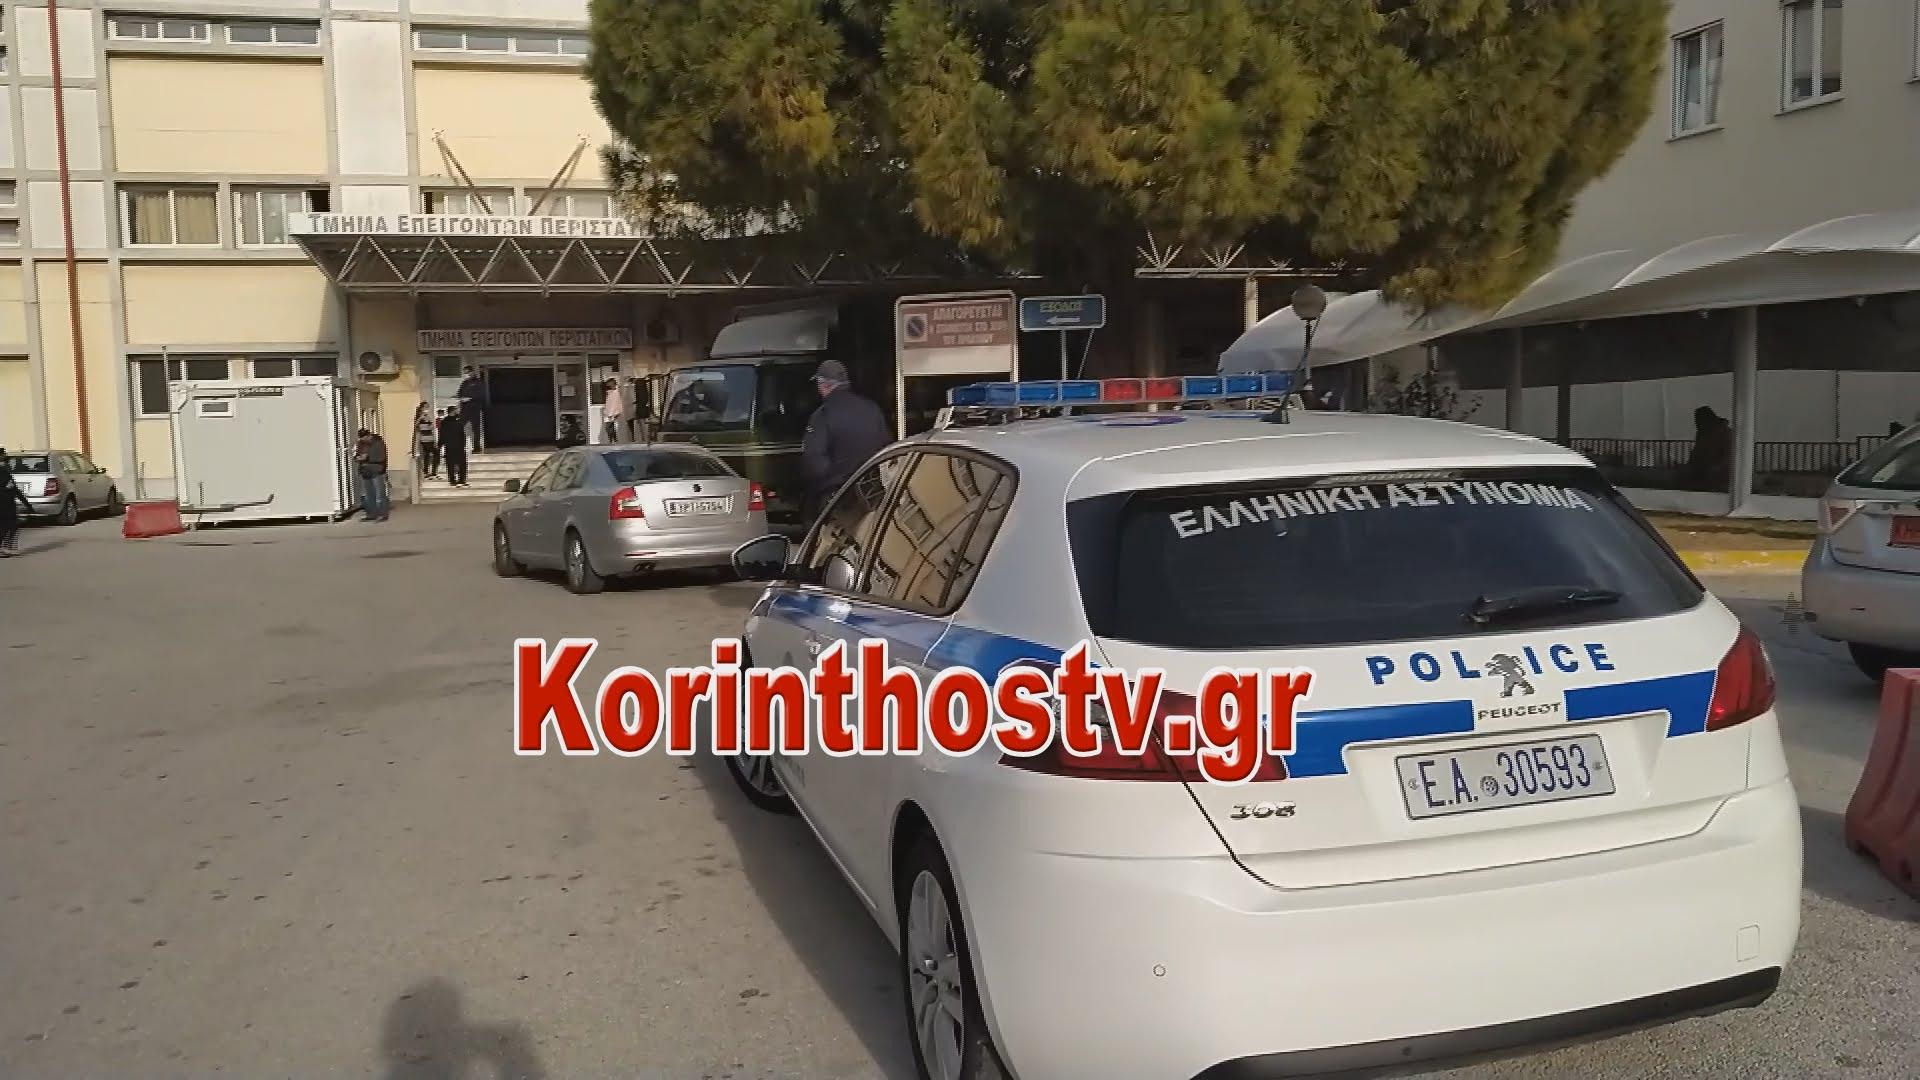 Κόρινθος: Στο χειρουργείο ο αστυνομικός που μαχαιρώθηκε σε έλεγχο – Ο δράστης με χειροπέδες (video)